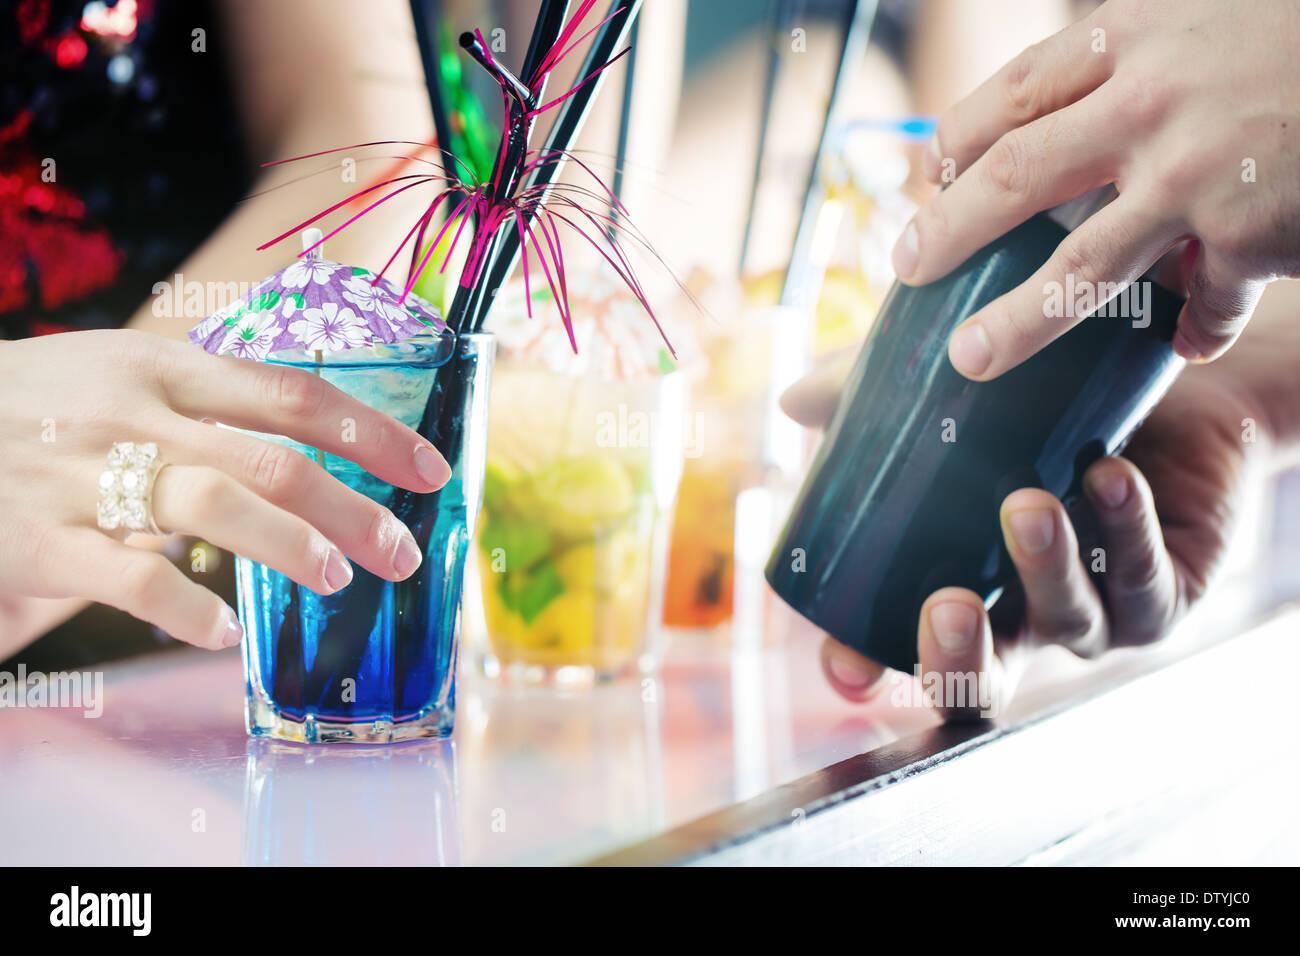 Party People in bar zu feiern, Spaß mit Getränken und ein Barkeeper Gruppe Stockbild